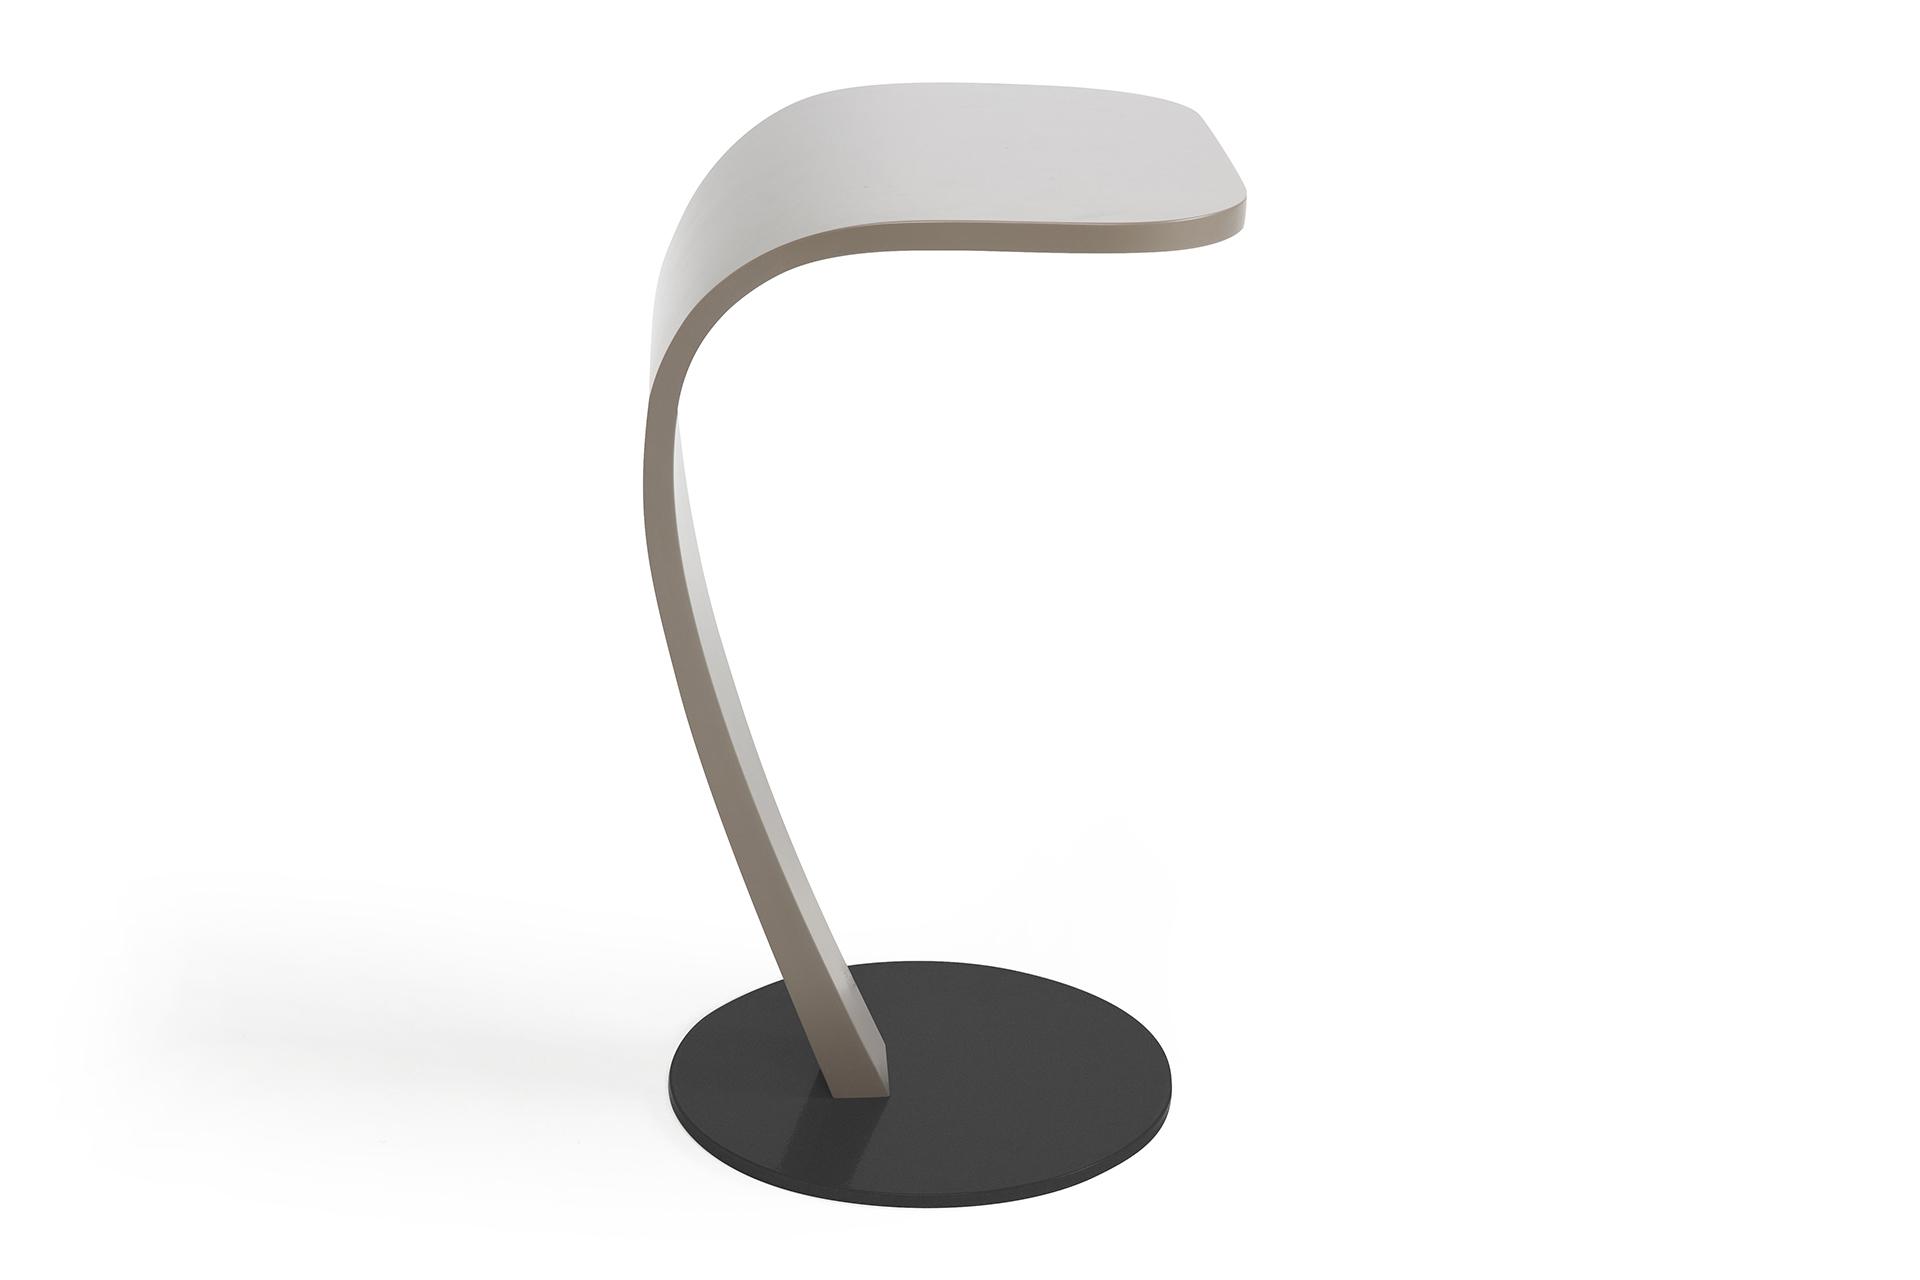 Bijzettafel Design Outlet.Design Bijzettafel Cobra Van Ontwerper Kees Marcelis